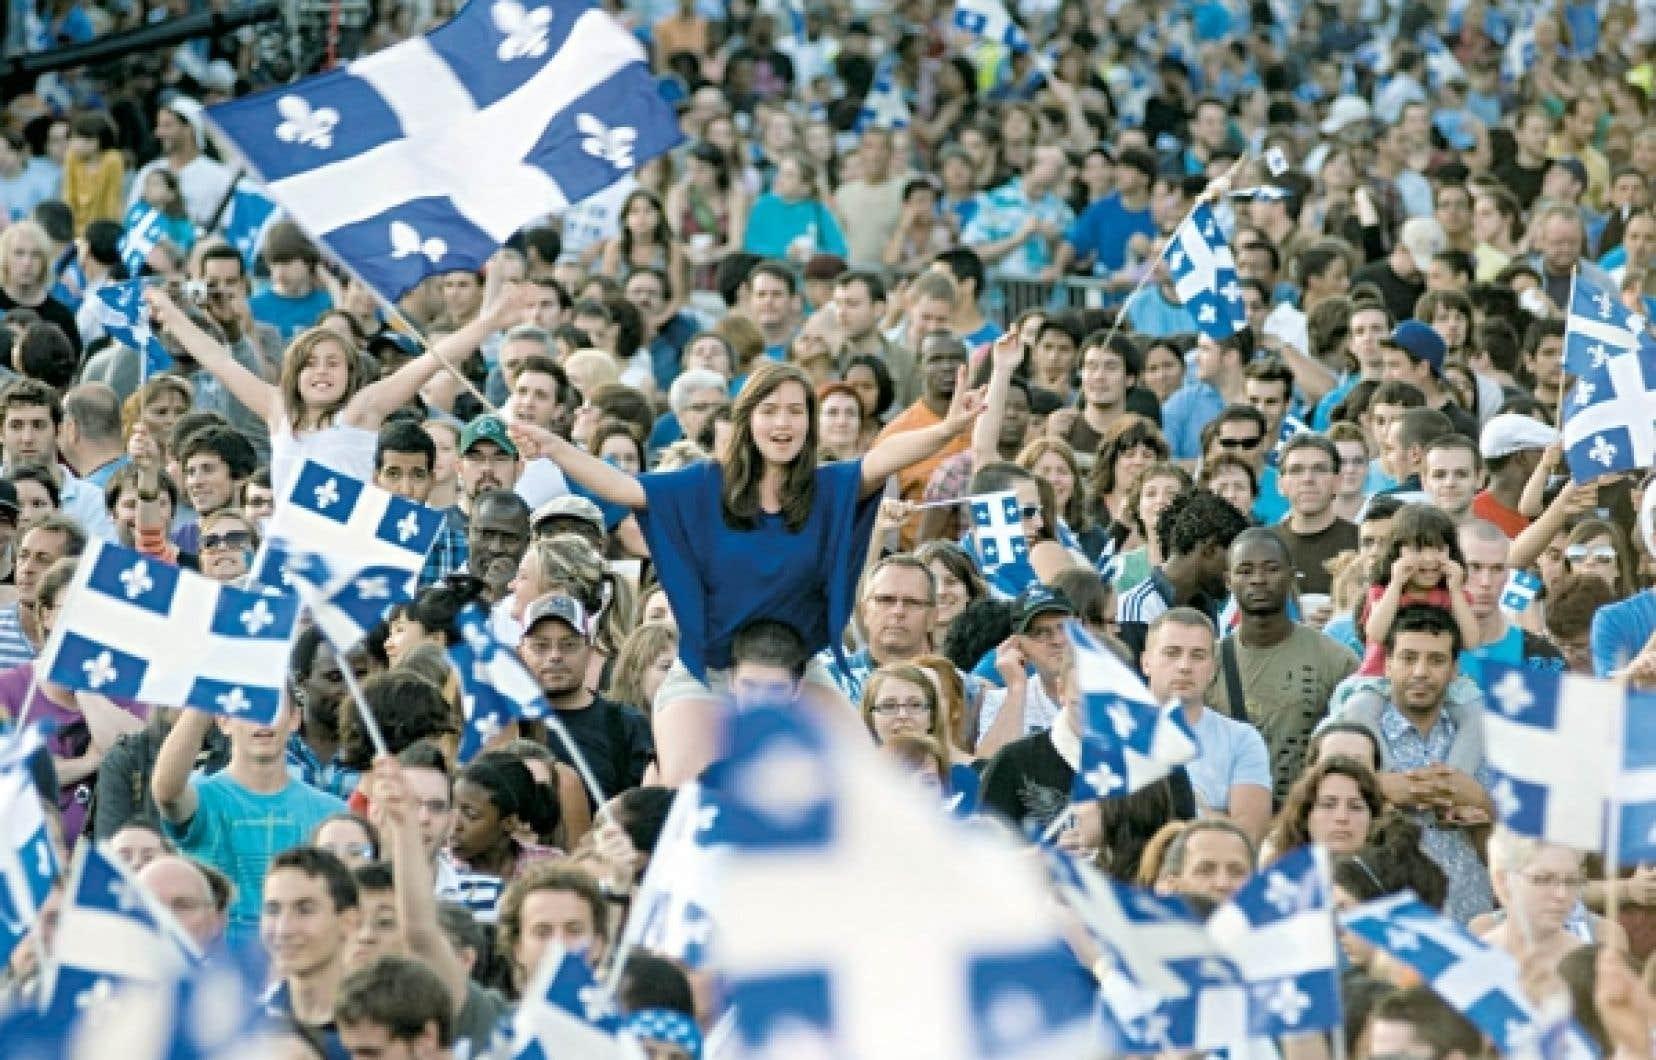 La foule célèbre la Fête nationale du Québec au parc Maisonneuve.<br />